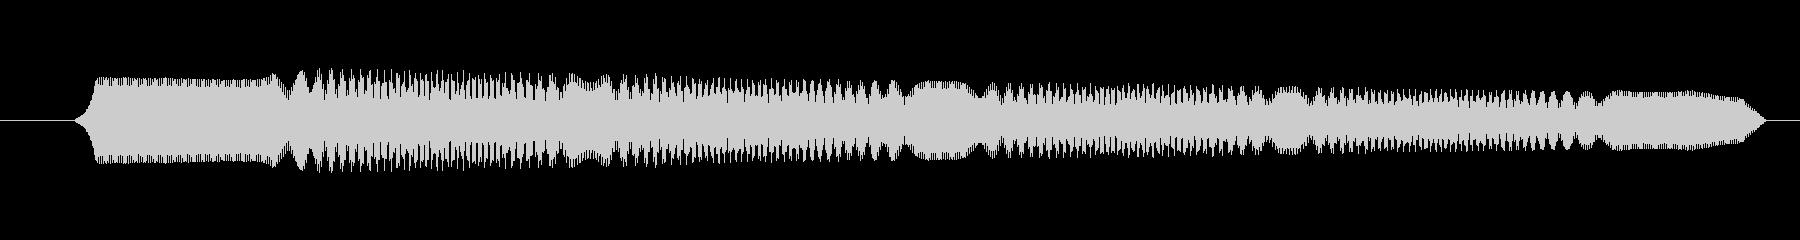 ヒュ~ヒュ~ン おばけが飛ぶ可愛らしい音の未再生の波形